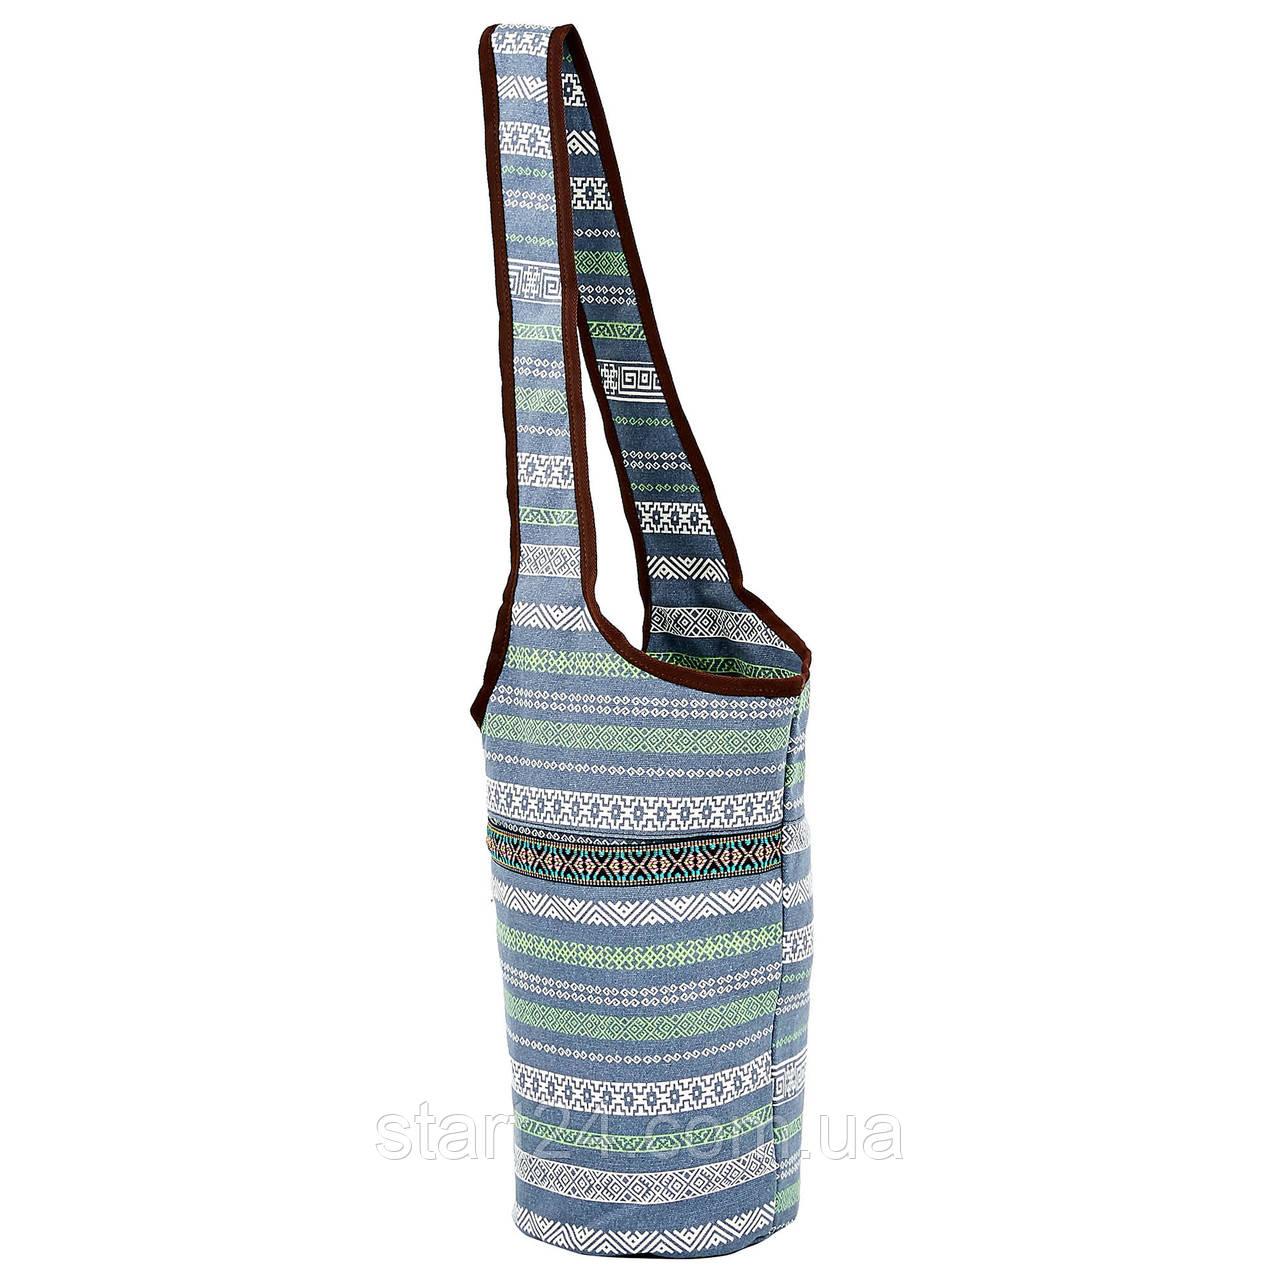 Сумка для фитнеса и йоги через плечо Yoga bag KINDFOLK FI-8364-3 (размер 33смх84см, полиэстер, хлопок,